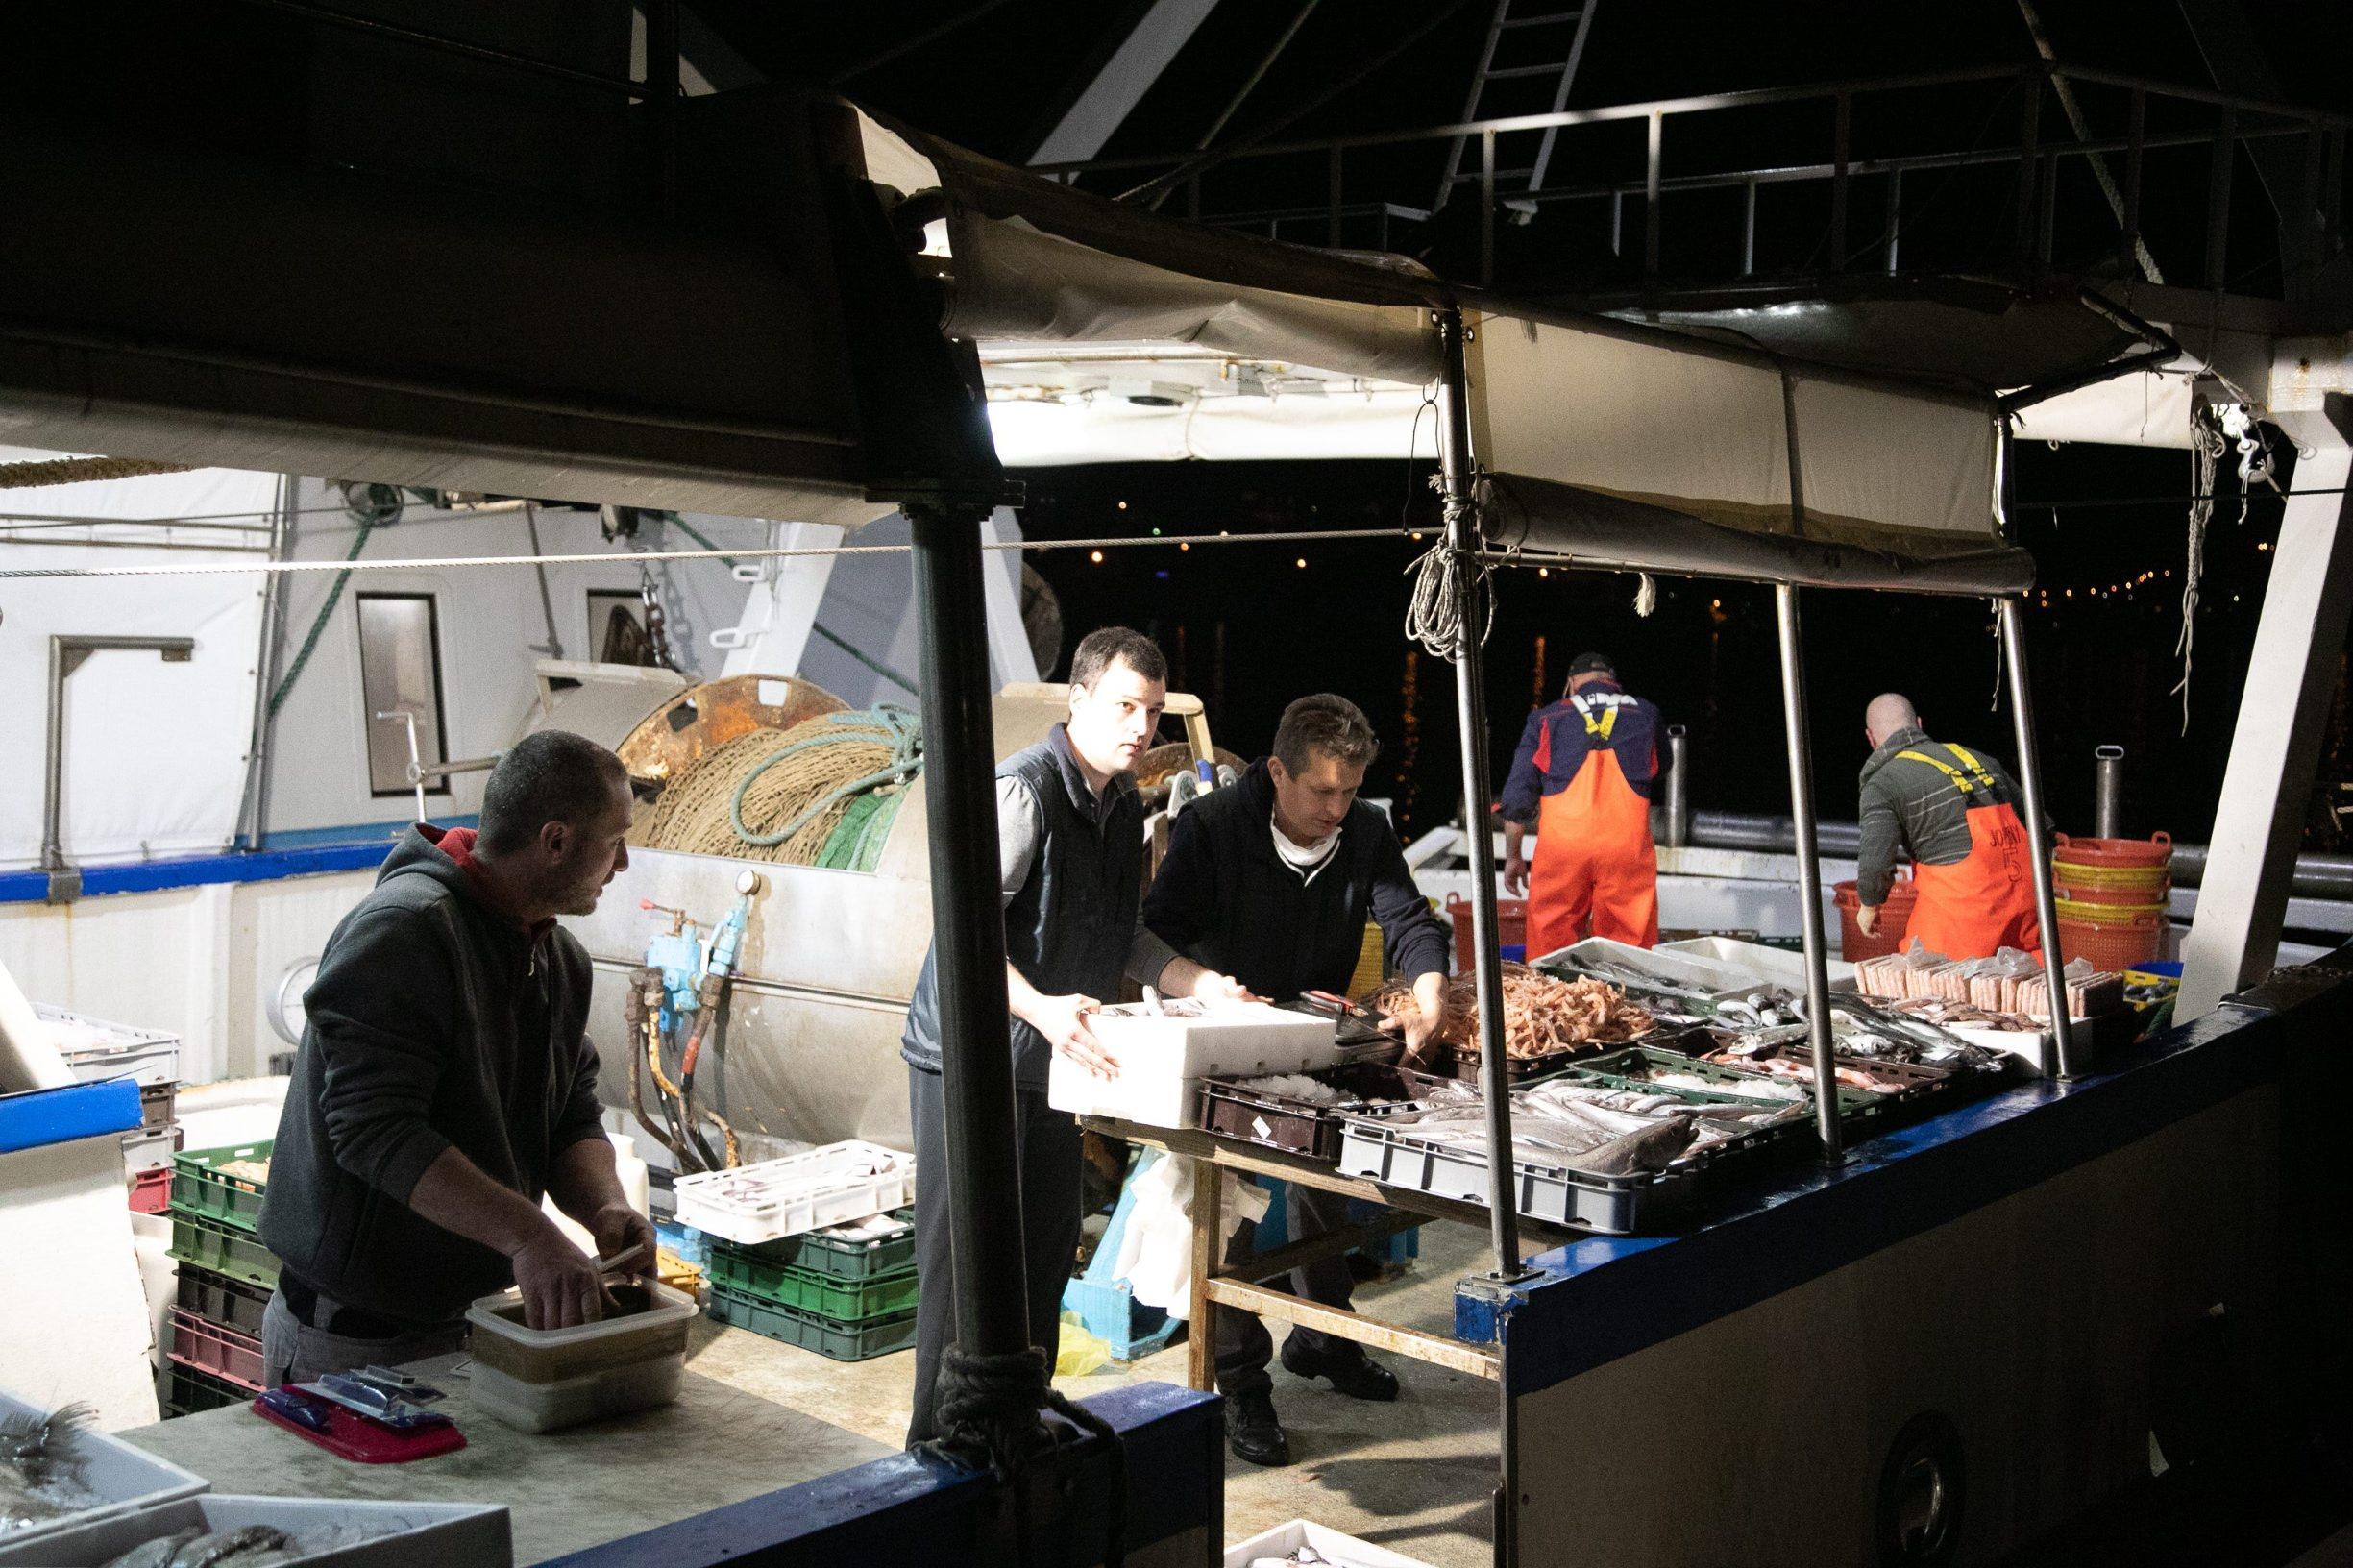 Dubrovnik, 090420. U luku Gruz uplovile su koce Orka i Sika, prodaja ribe uoci Velikog petka izazvala je veliku guzvu. Zbog koronavirusa ribarnica je vec neko vrijeme zatvorena pa se svjeza riba kupuje izravno s koce. Foto: Bozo Radic / CROPIX